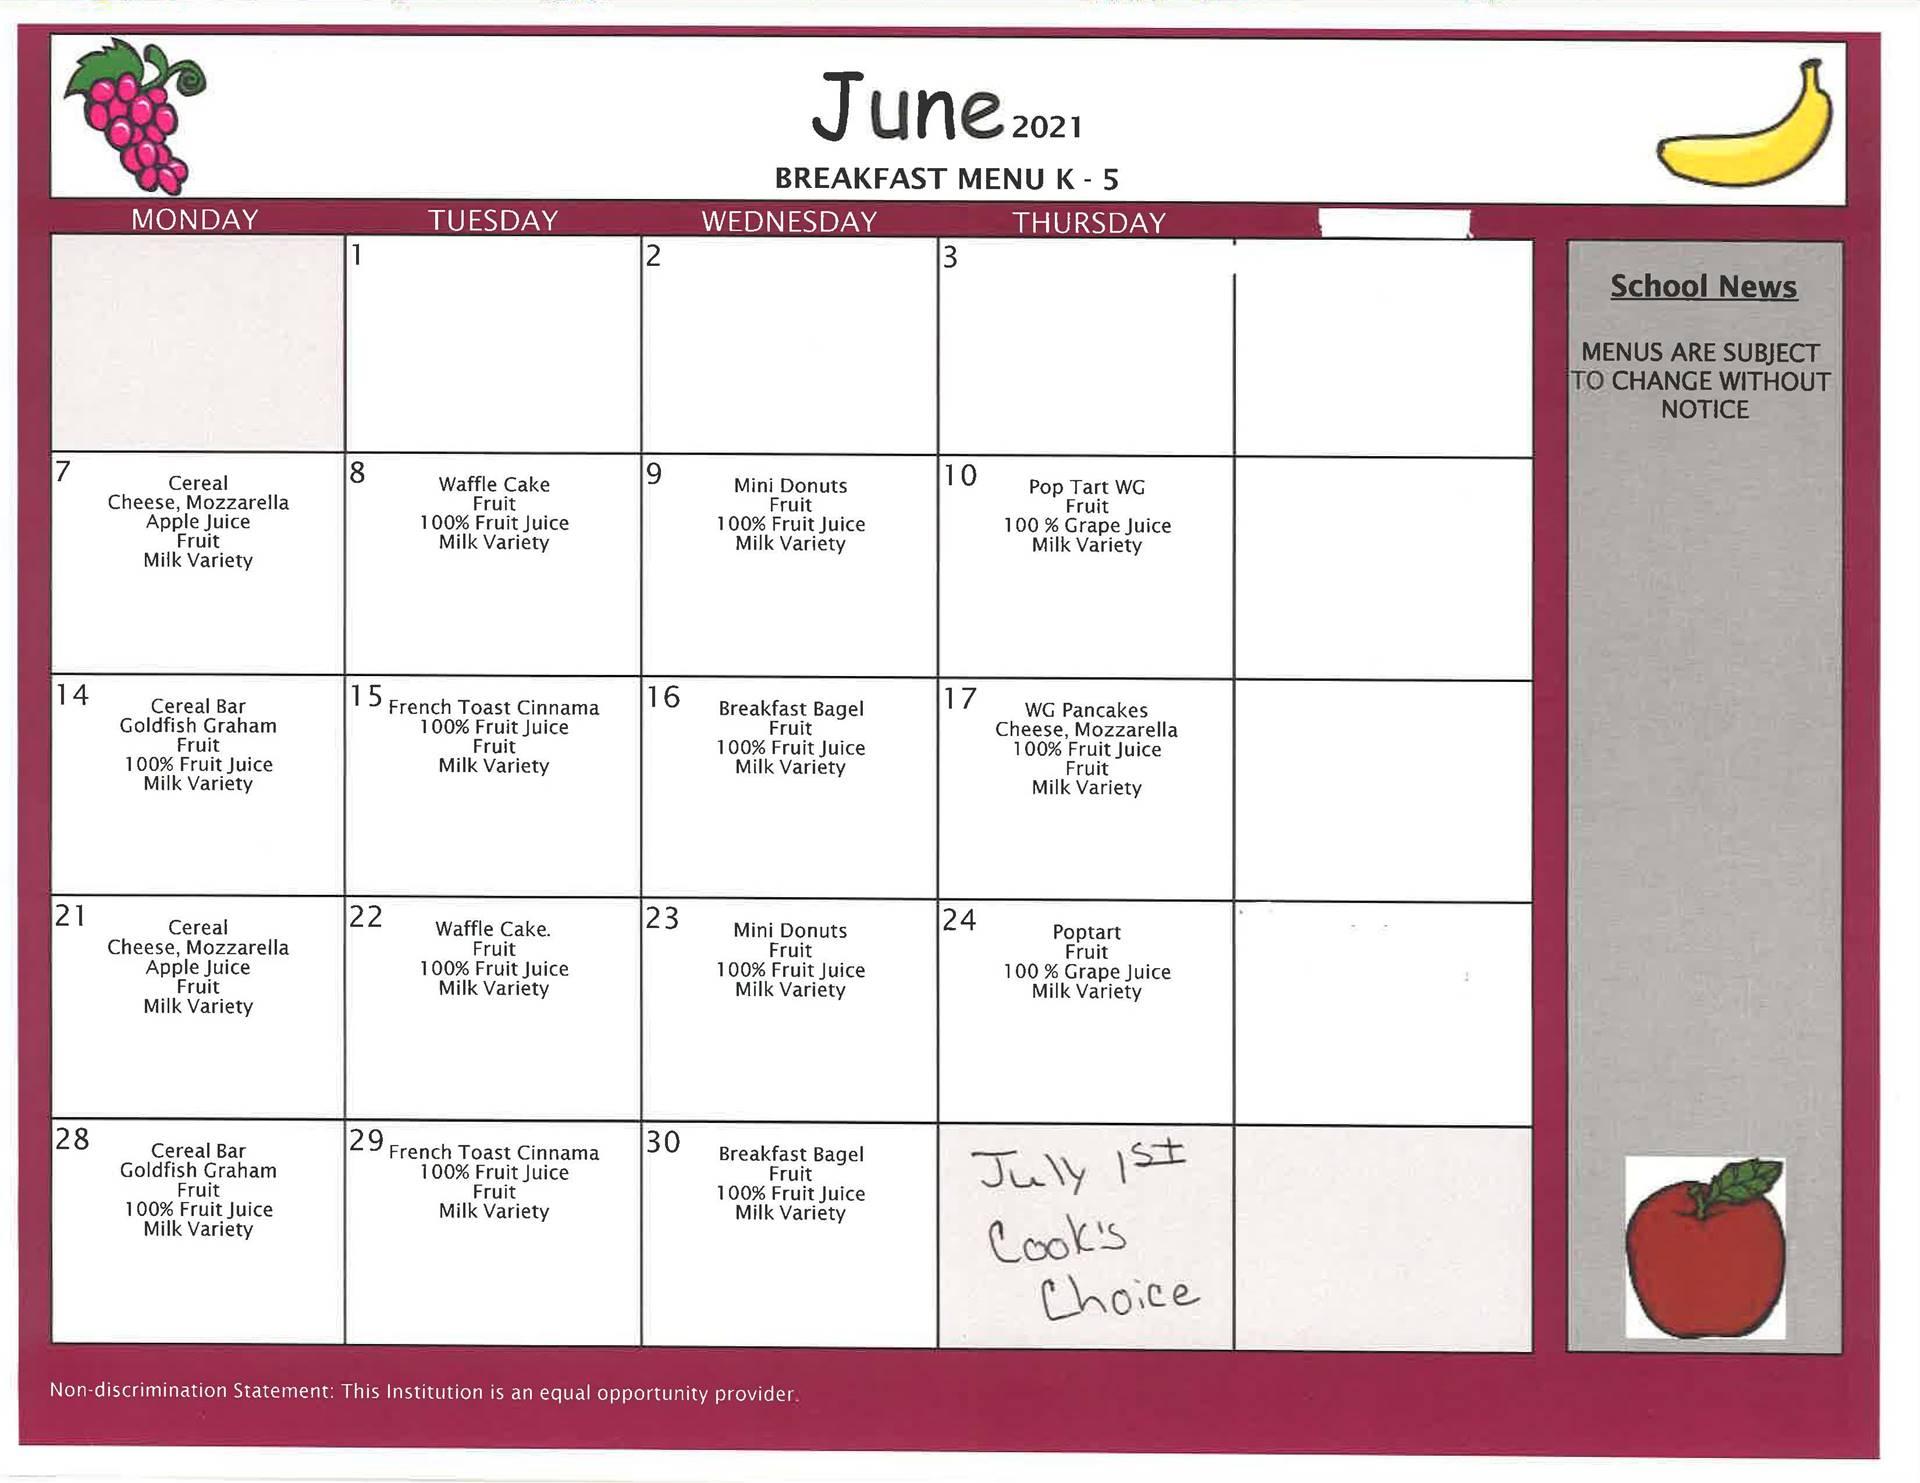 June Elementary Breakfast - Summer School/Summer Feeding Program